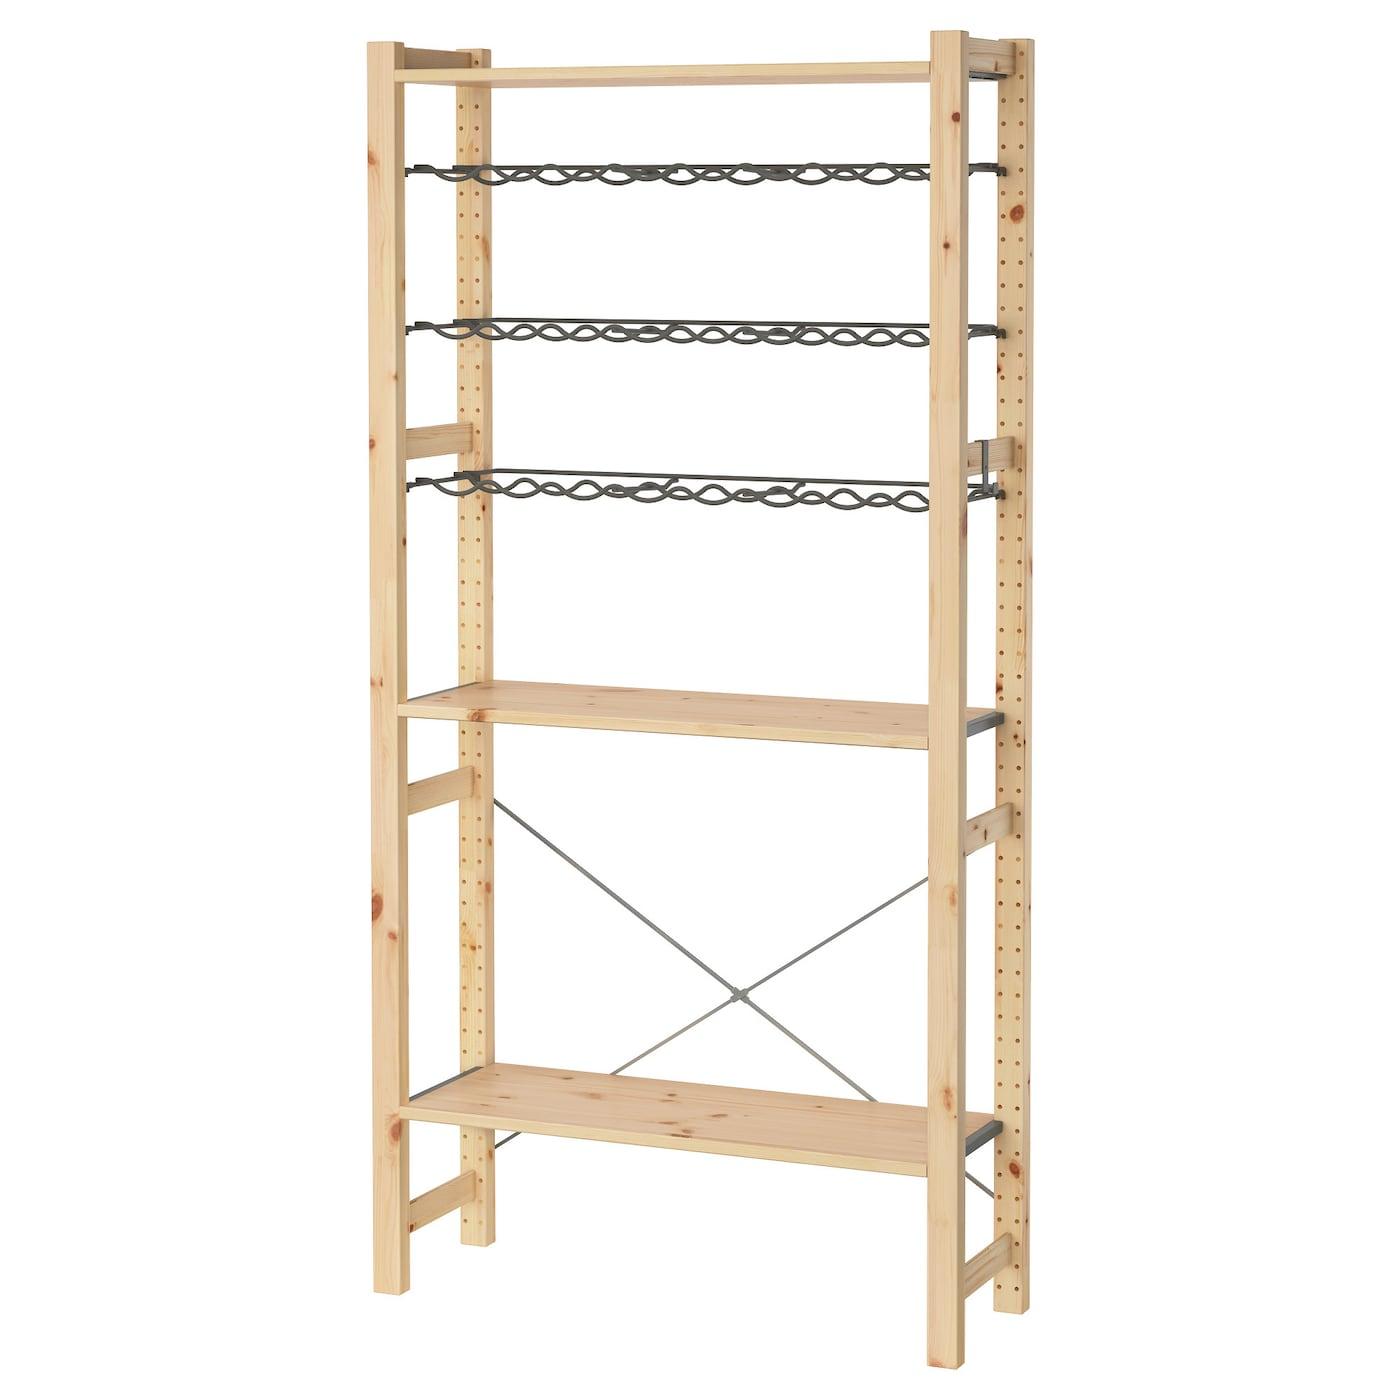 ivar 1 section shelves bottle racks pine grey 89x30x179 cm. Black Bedroom Furniture Sets. Home Design Ideas